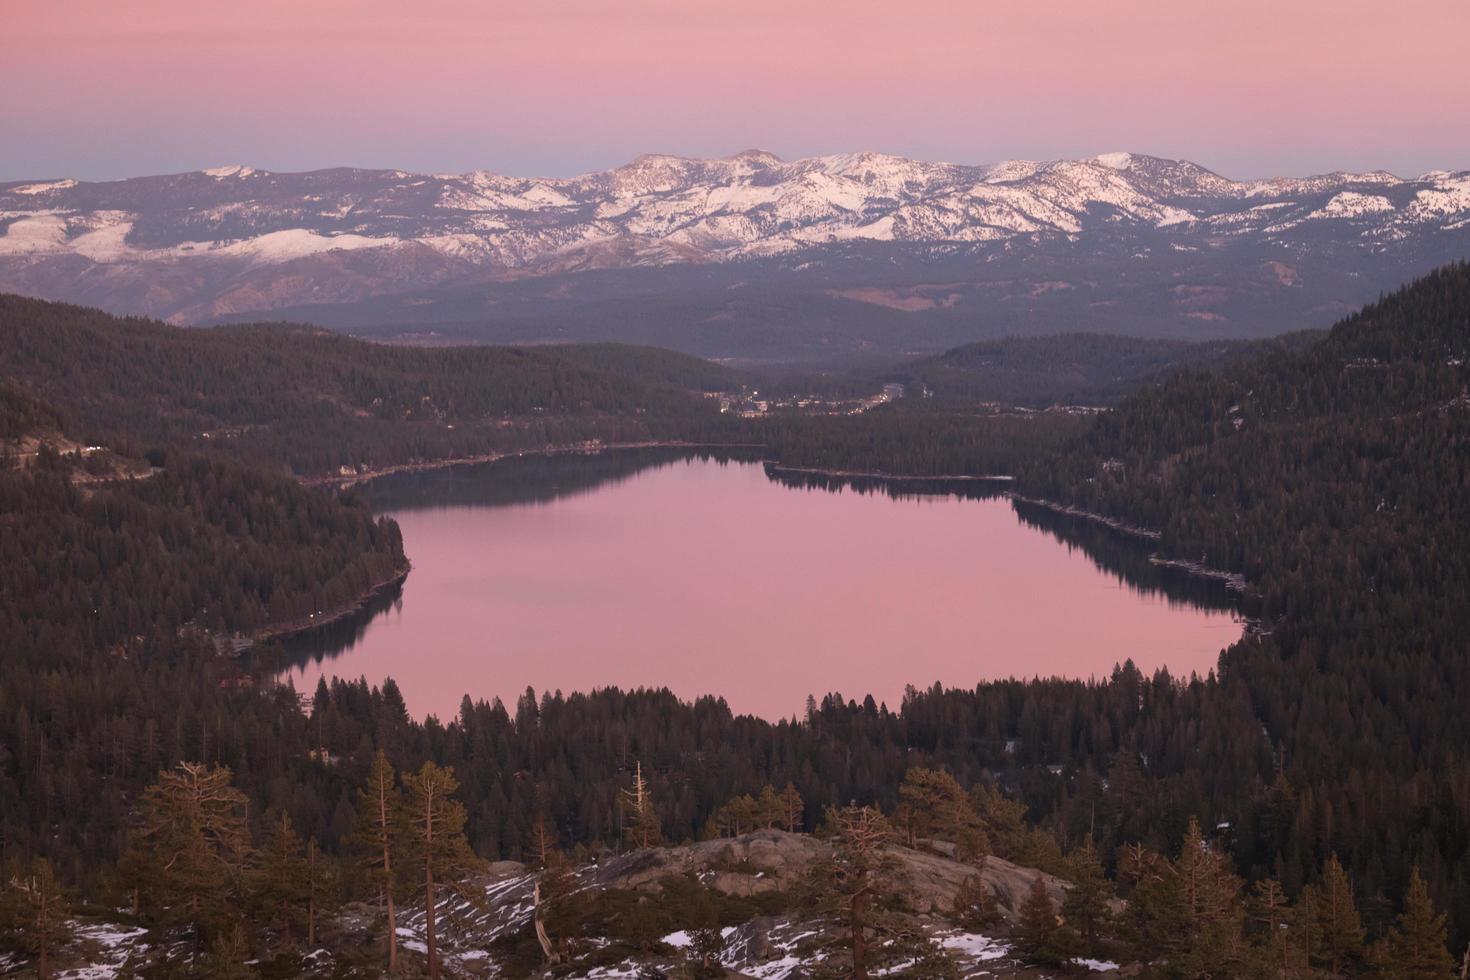 Luftaufnahme des von Bäumen umgebenen Sees foto